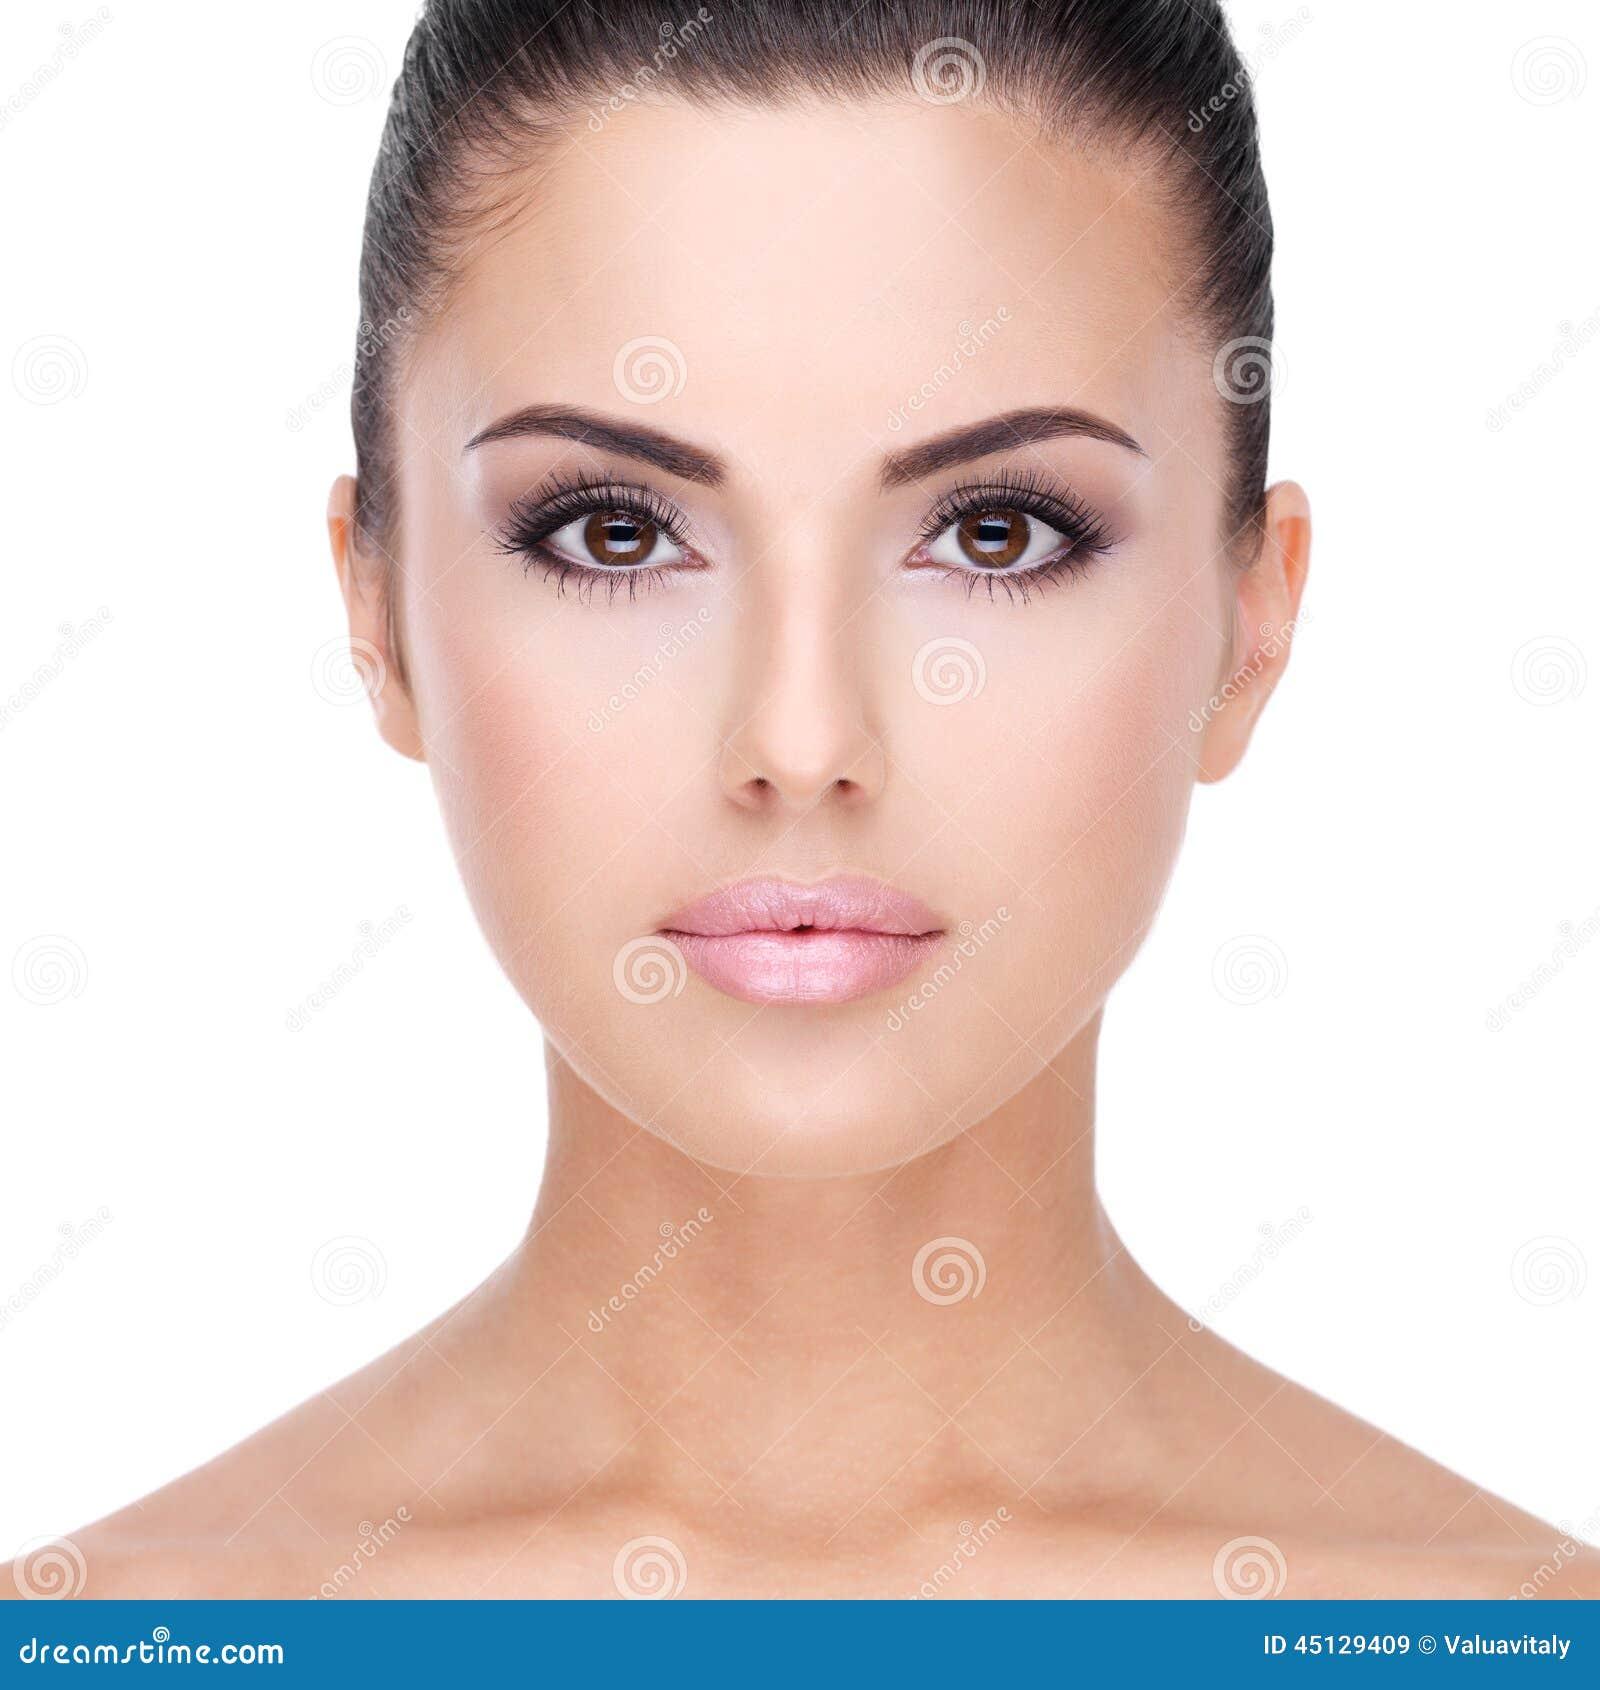 Frau Gesicht: Schönes Gesicht Der Nahaufnahme Der Frau Mit Sauberer Haut